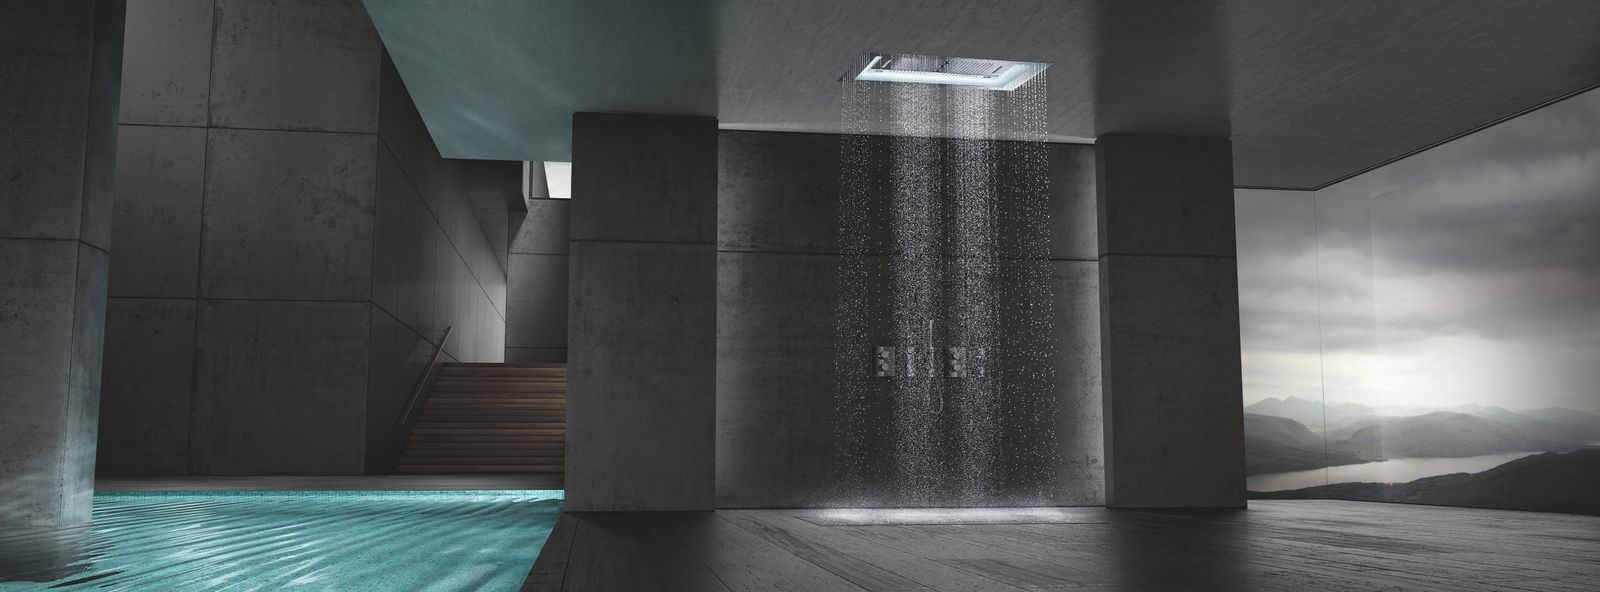 Le Nuove Docce Di Design Sono Invisibili Bathroom Inspiration